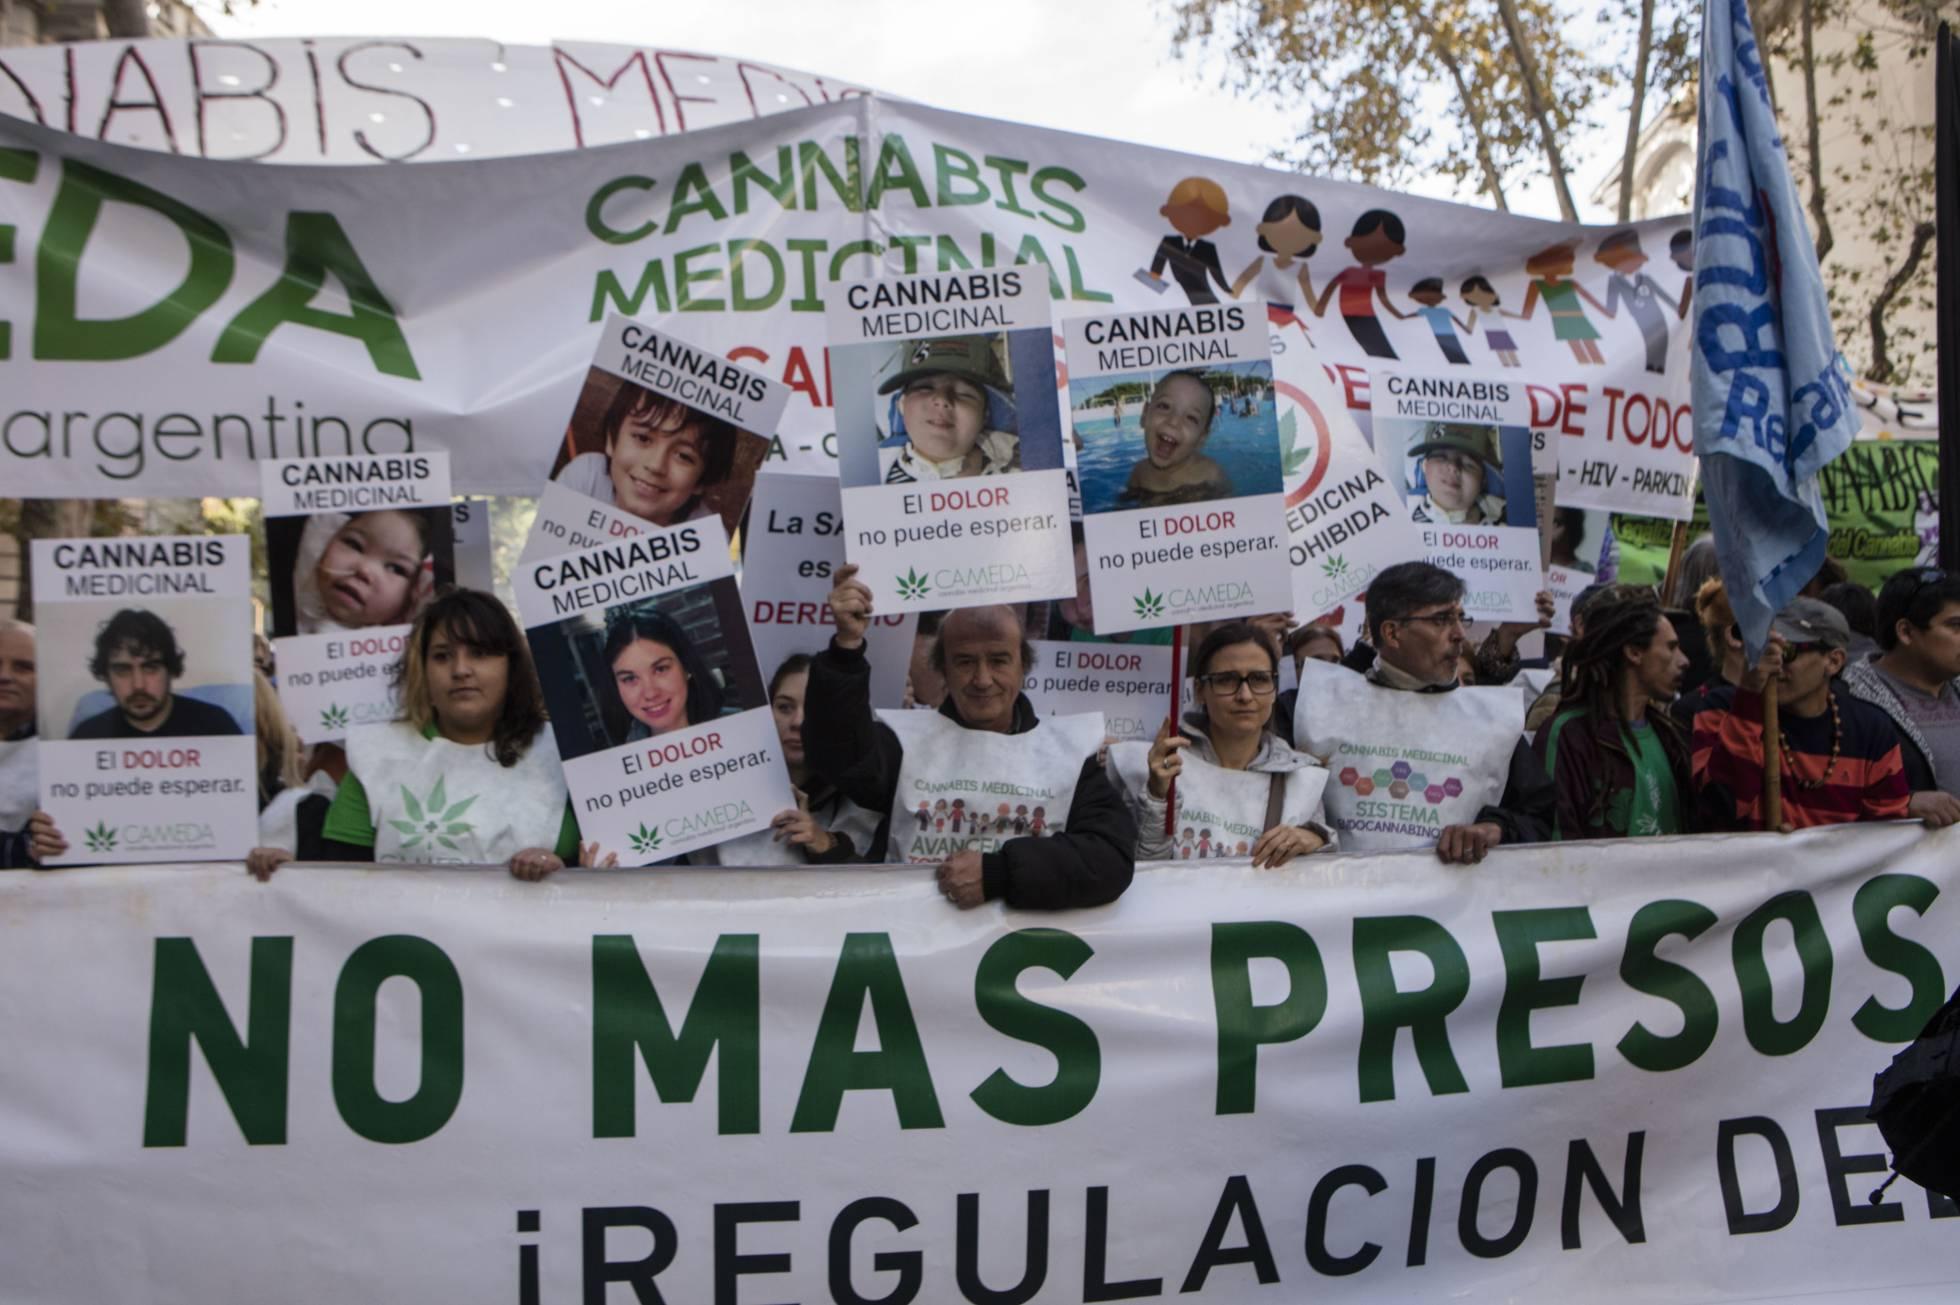 Libre comercio, sus repercusiones en el tráfico de drogas. - Página 4 1471630342_442812_1471634528_noticia_normal_recorte1